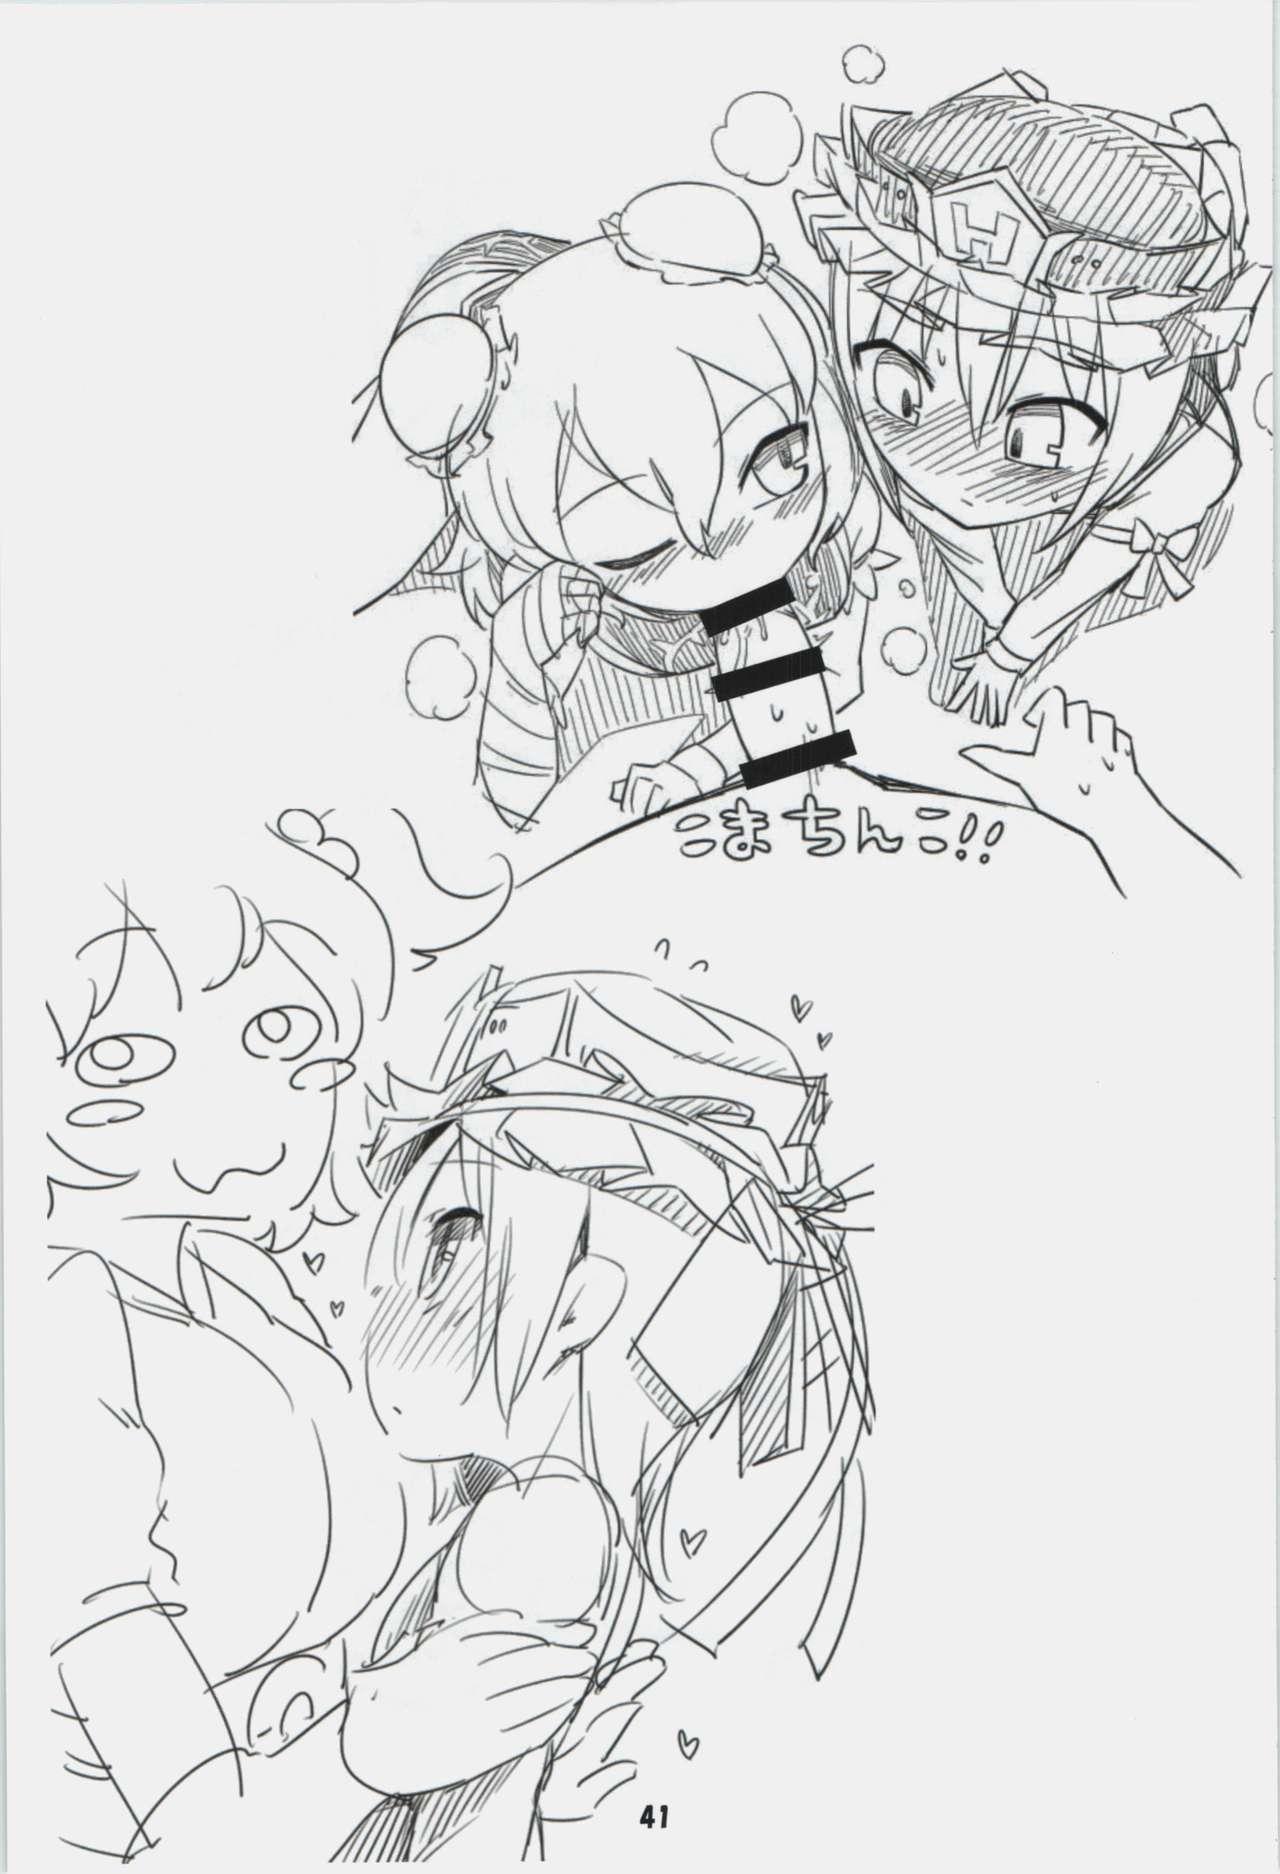 (C86) [Yashiya (YASSY)] Hataraki Sugite Kowareta Komachi ga Eiki-sama ni Gyakushuu suru Hon   A book in which Komachi, broken from overwork, retaliates against Eiki-sama. (Touhou Project) [English] [princessCuck] 40